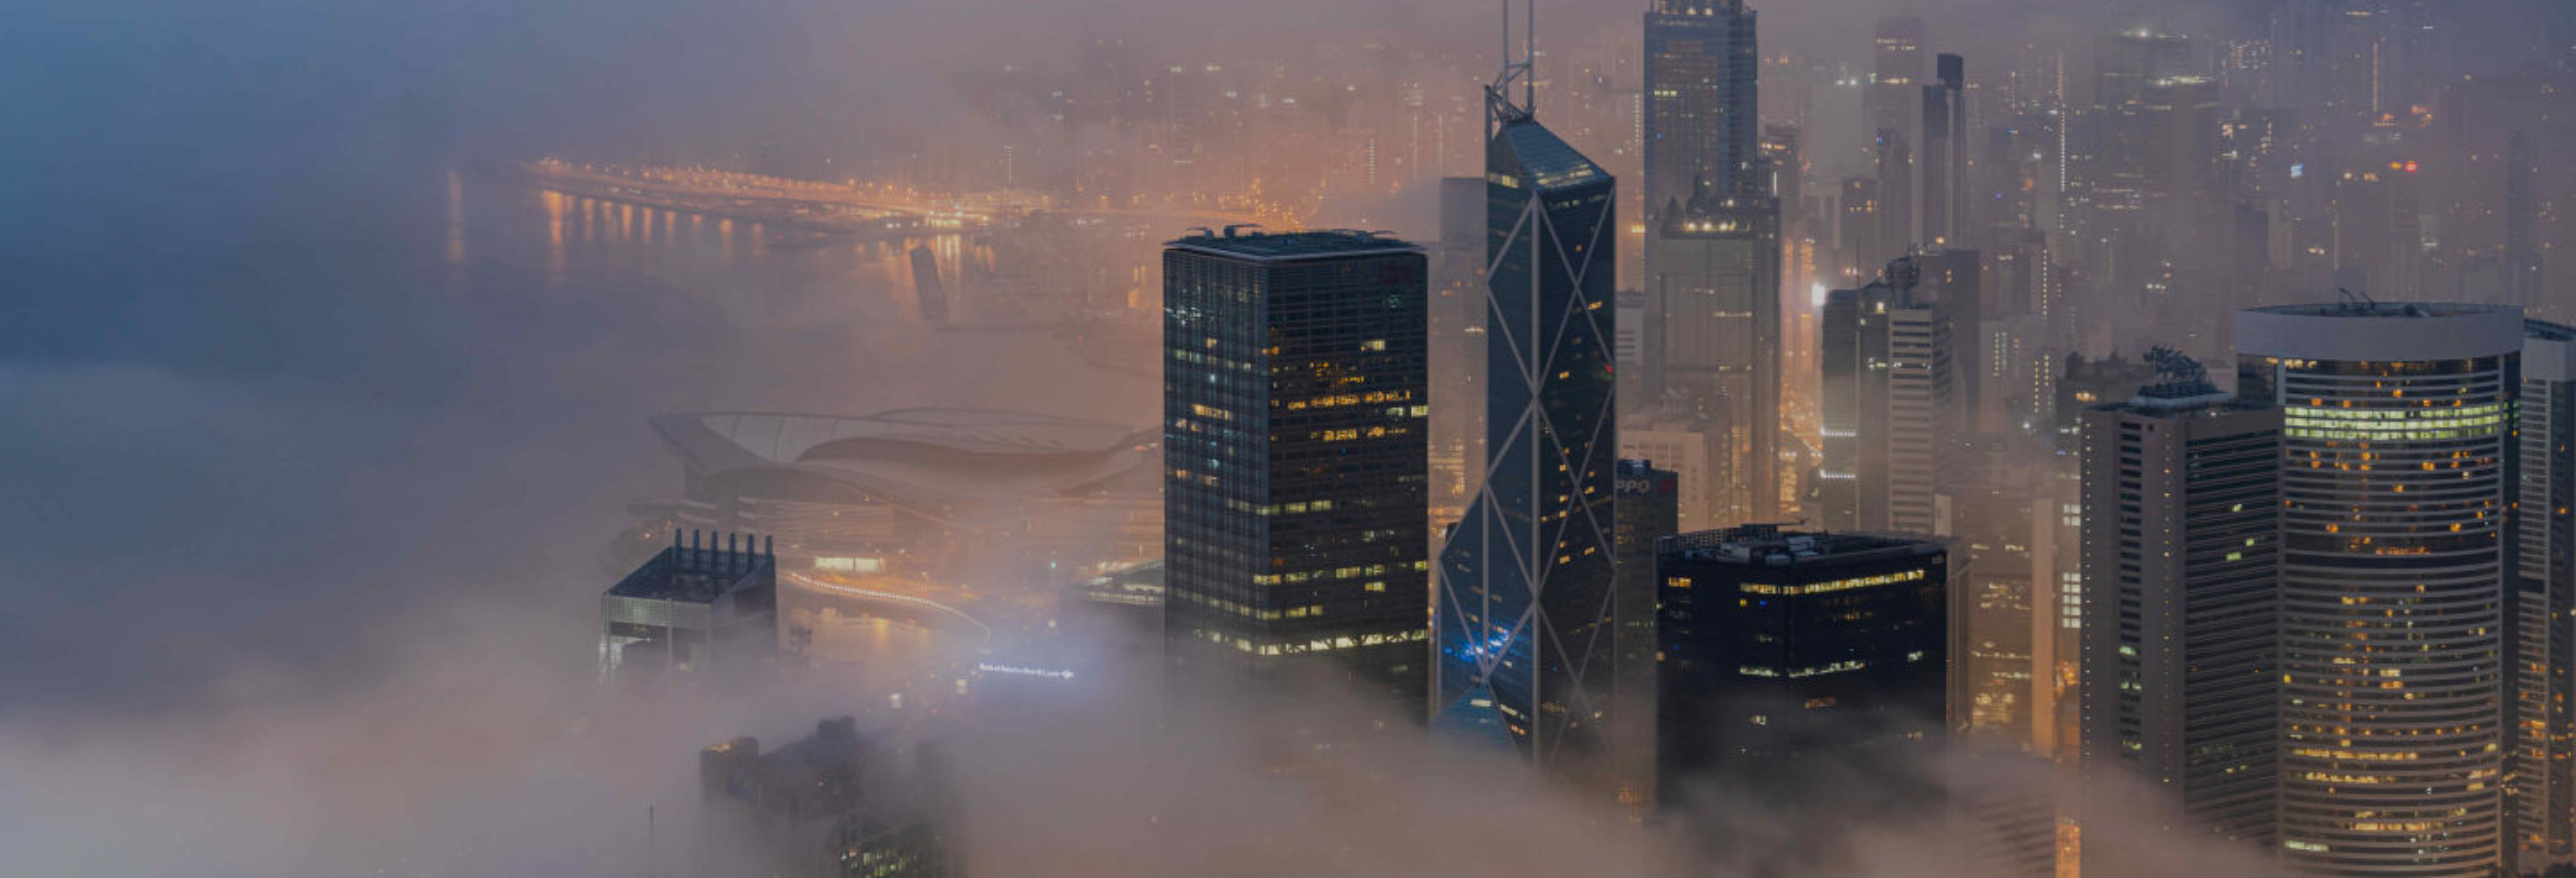 Tour de los misterios y leyendas de Hong Kong